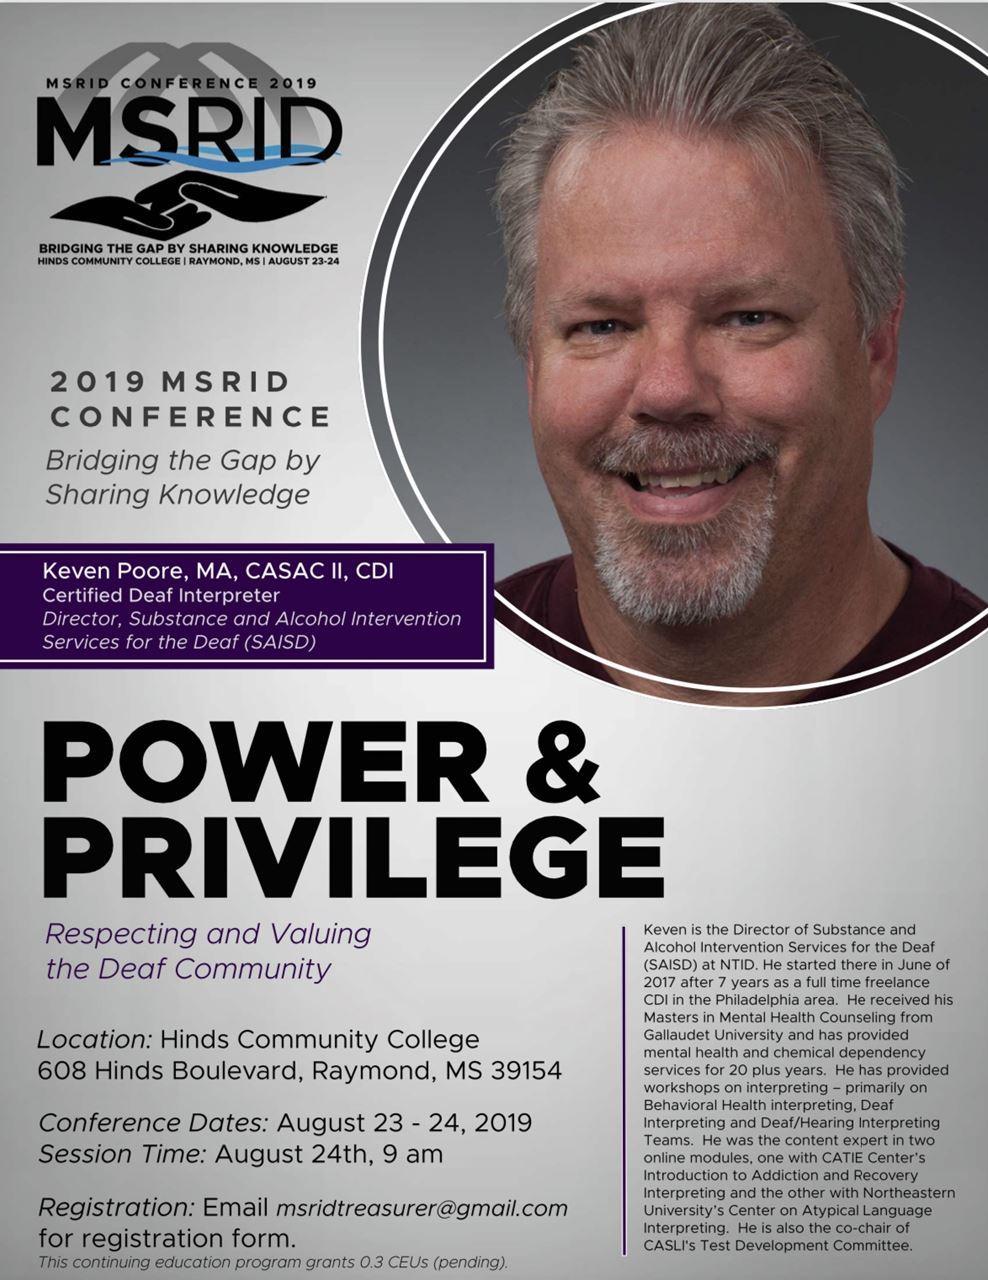 MSRID - 2019 Conference